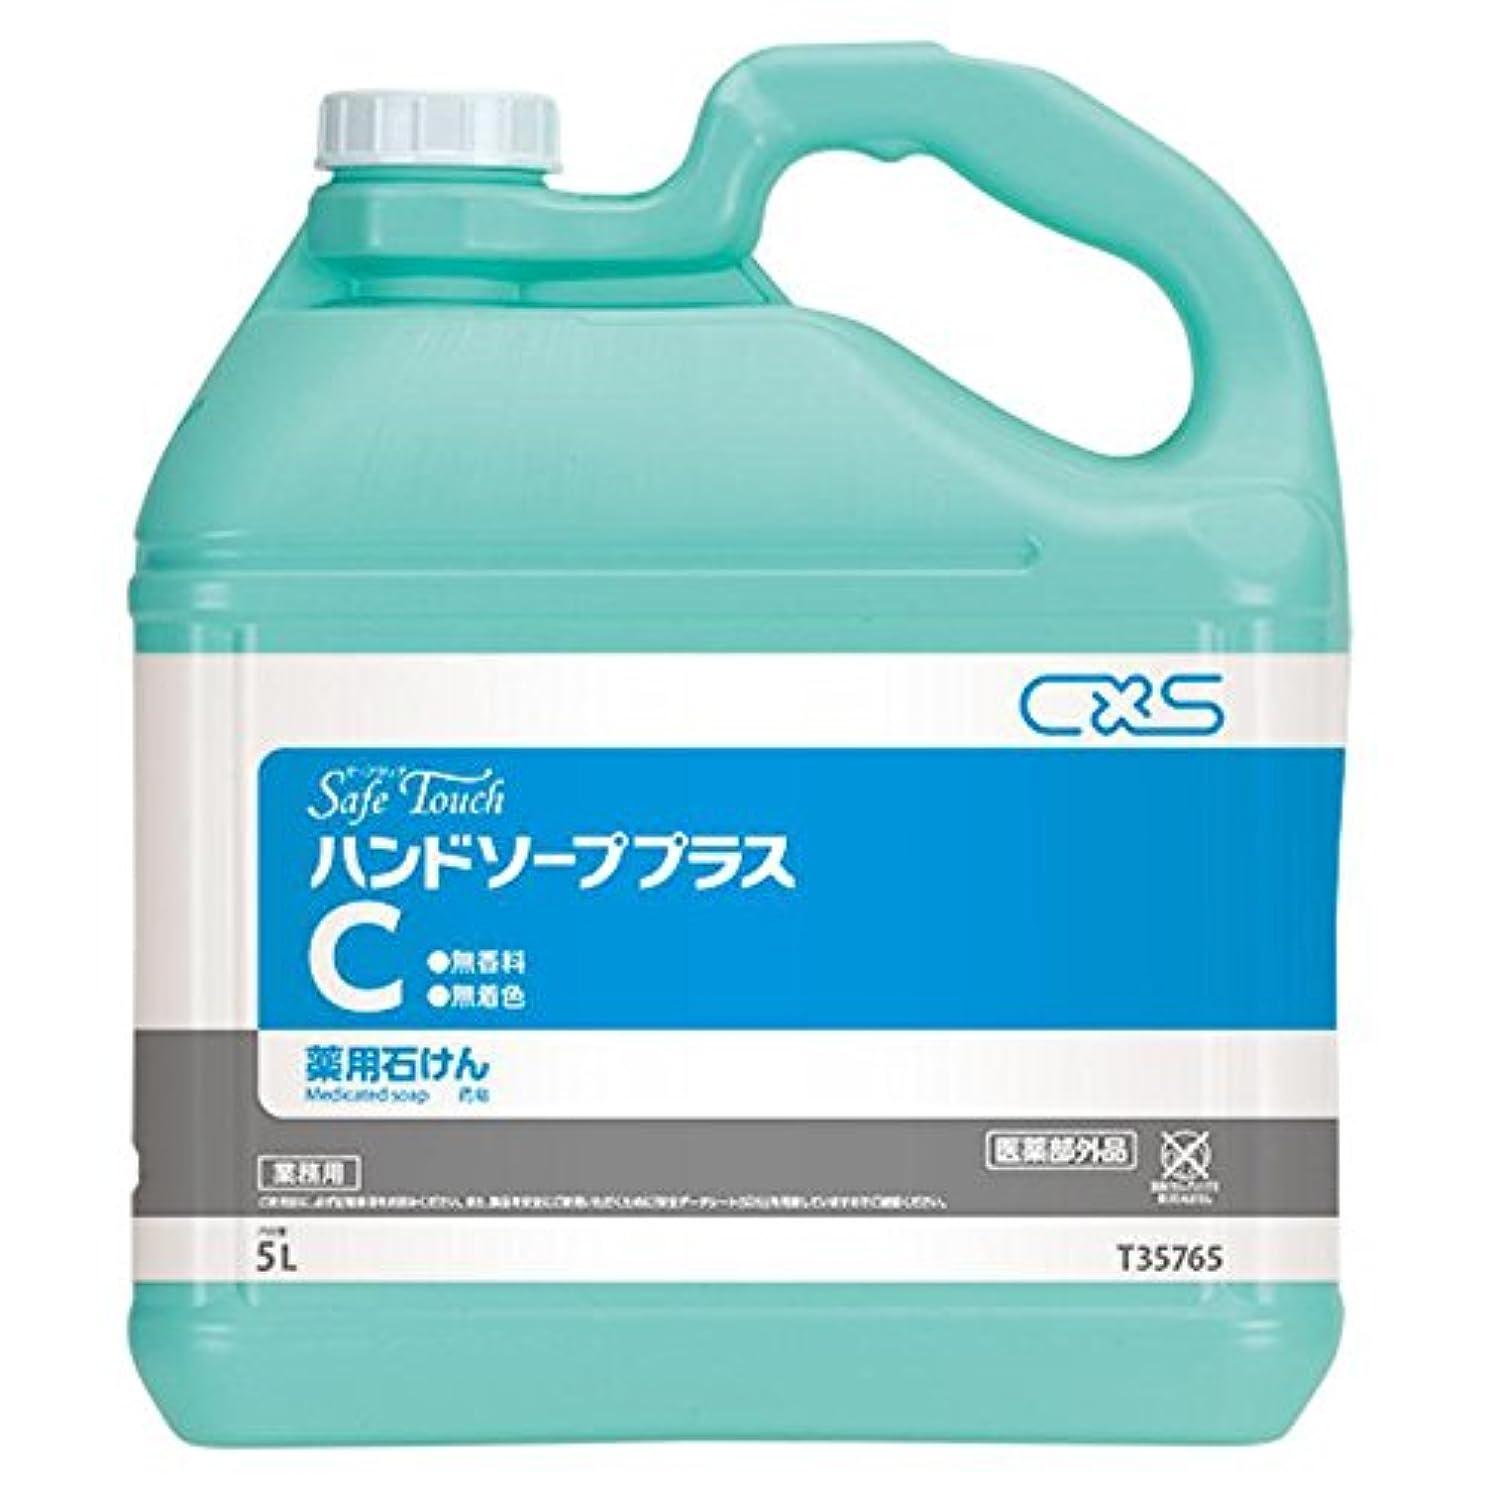 サイレント消毒する便利シーバイエス(C×S) 手洗い用石鹸 セーフタッチハンドソーププラスC 5L